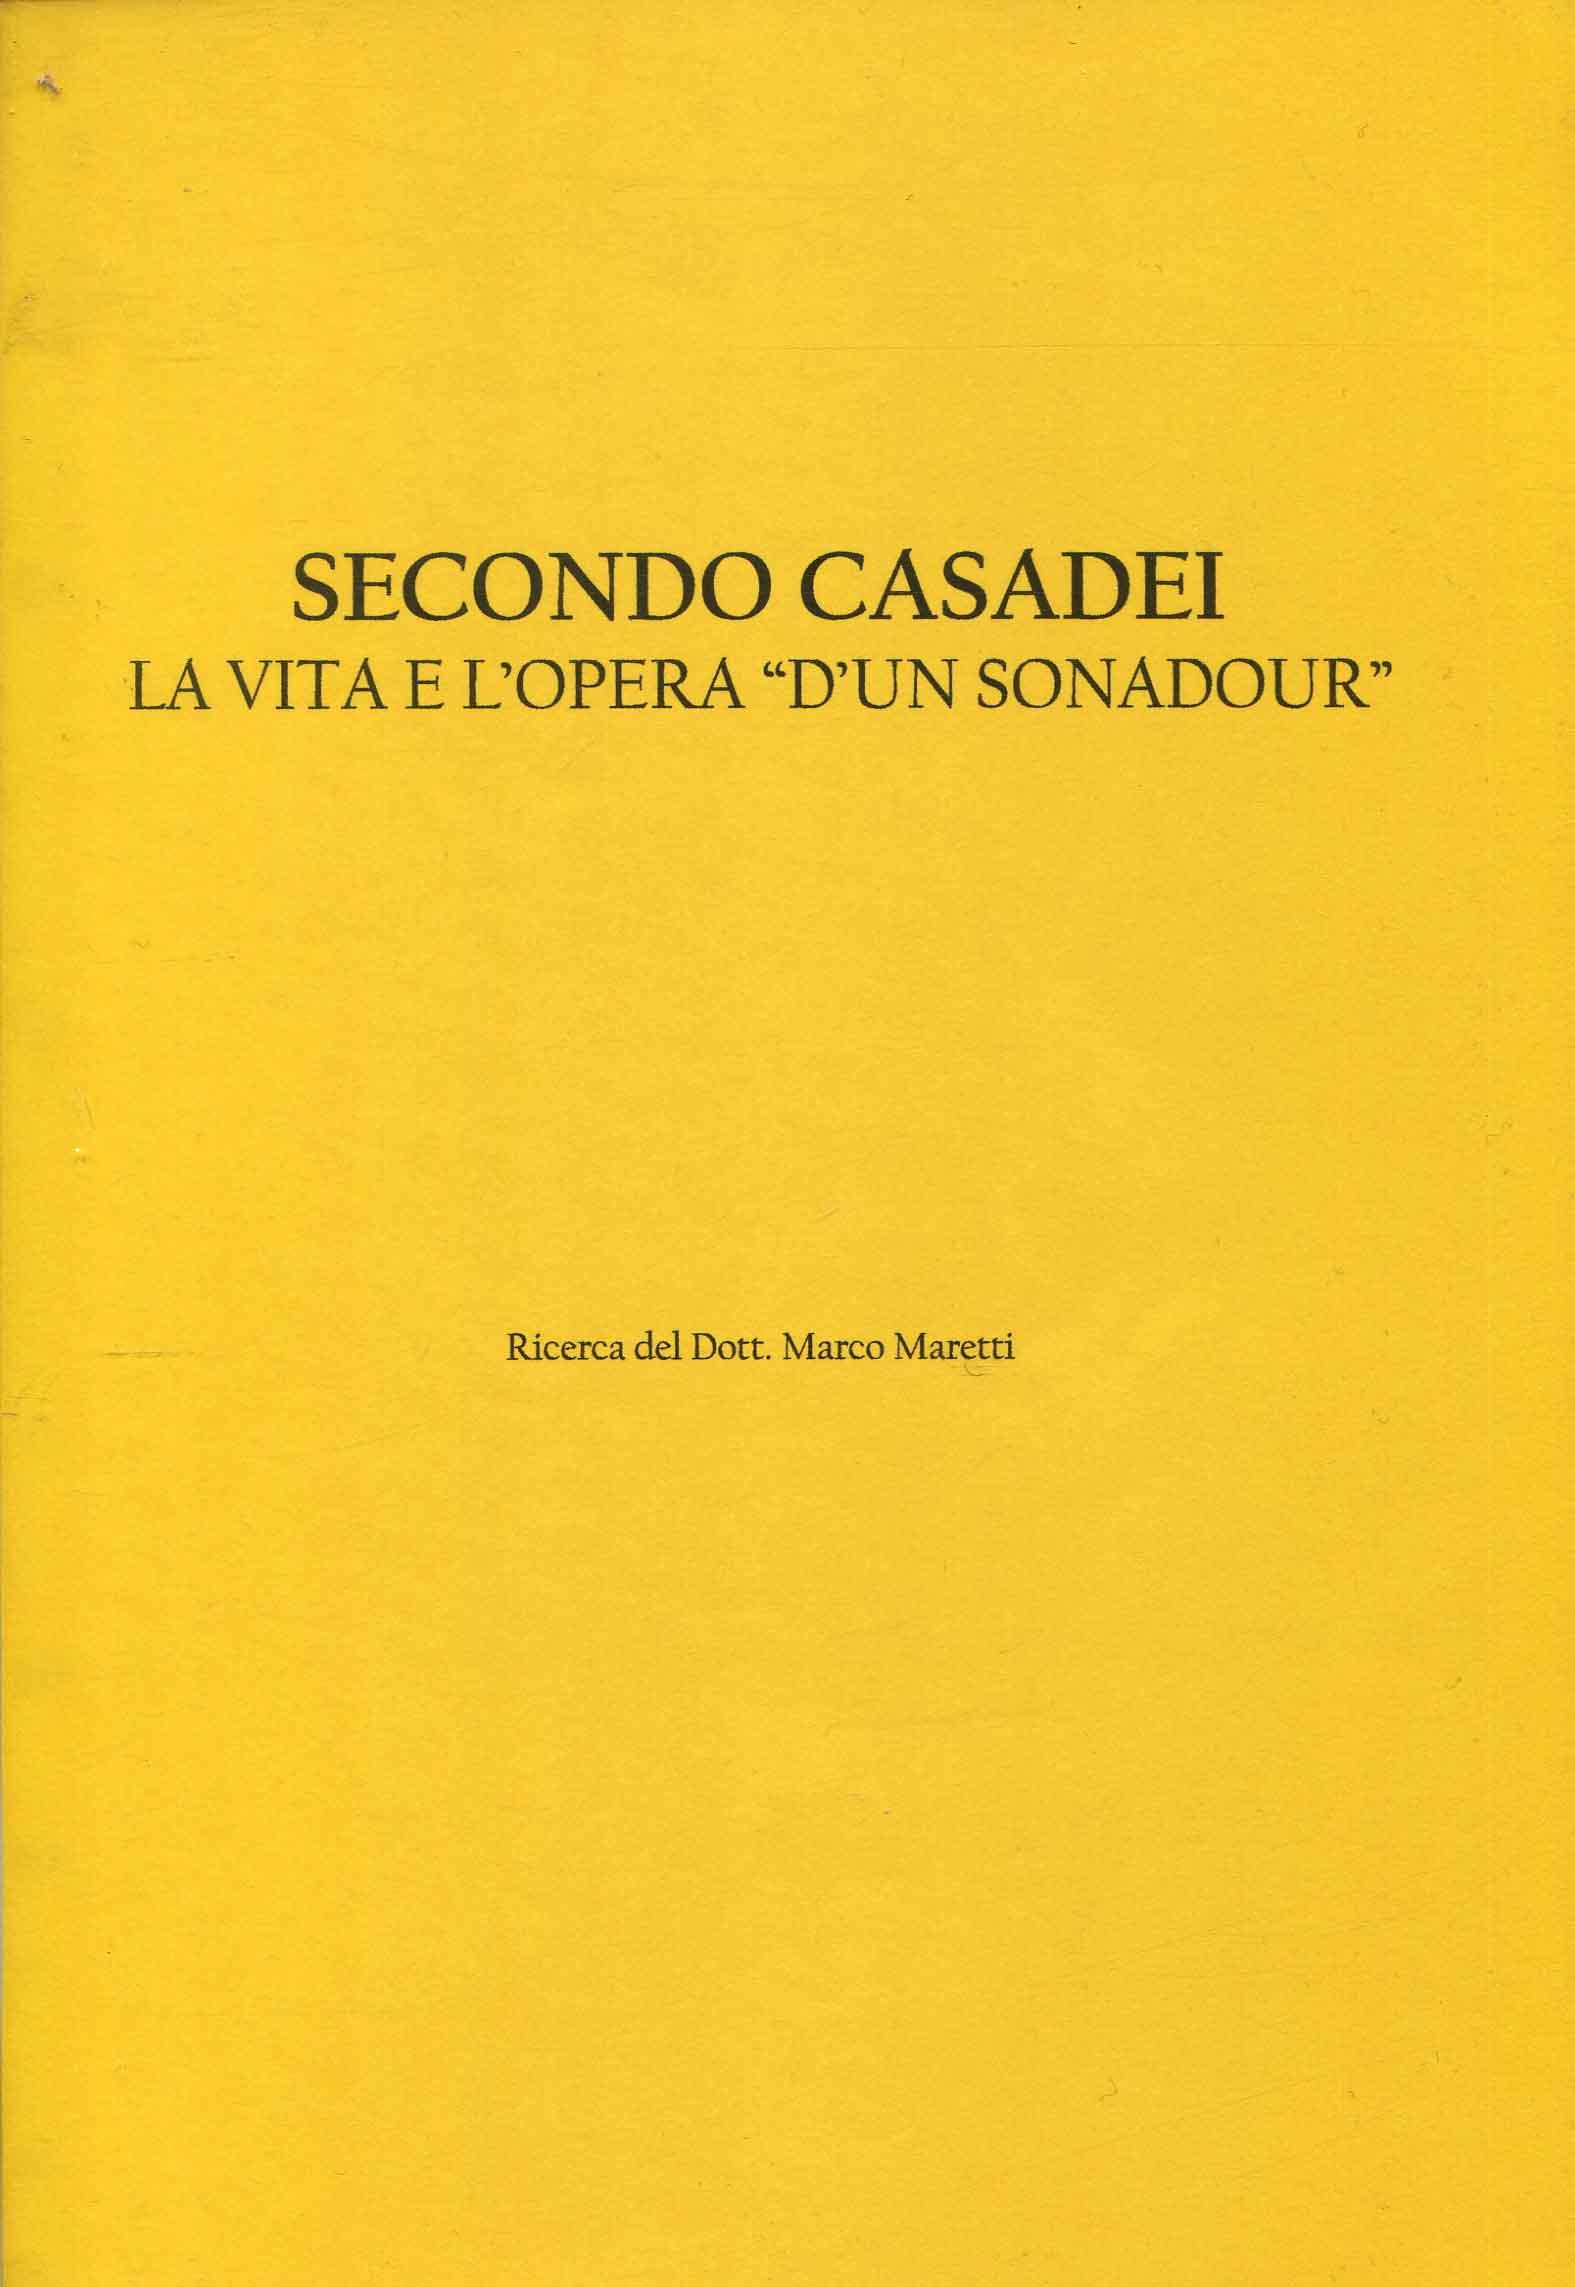 Secondo Casadei : la vita e l